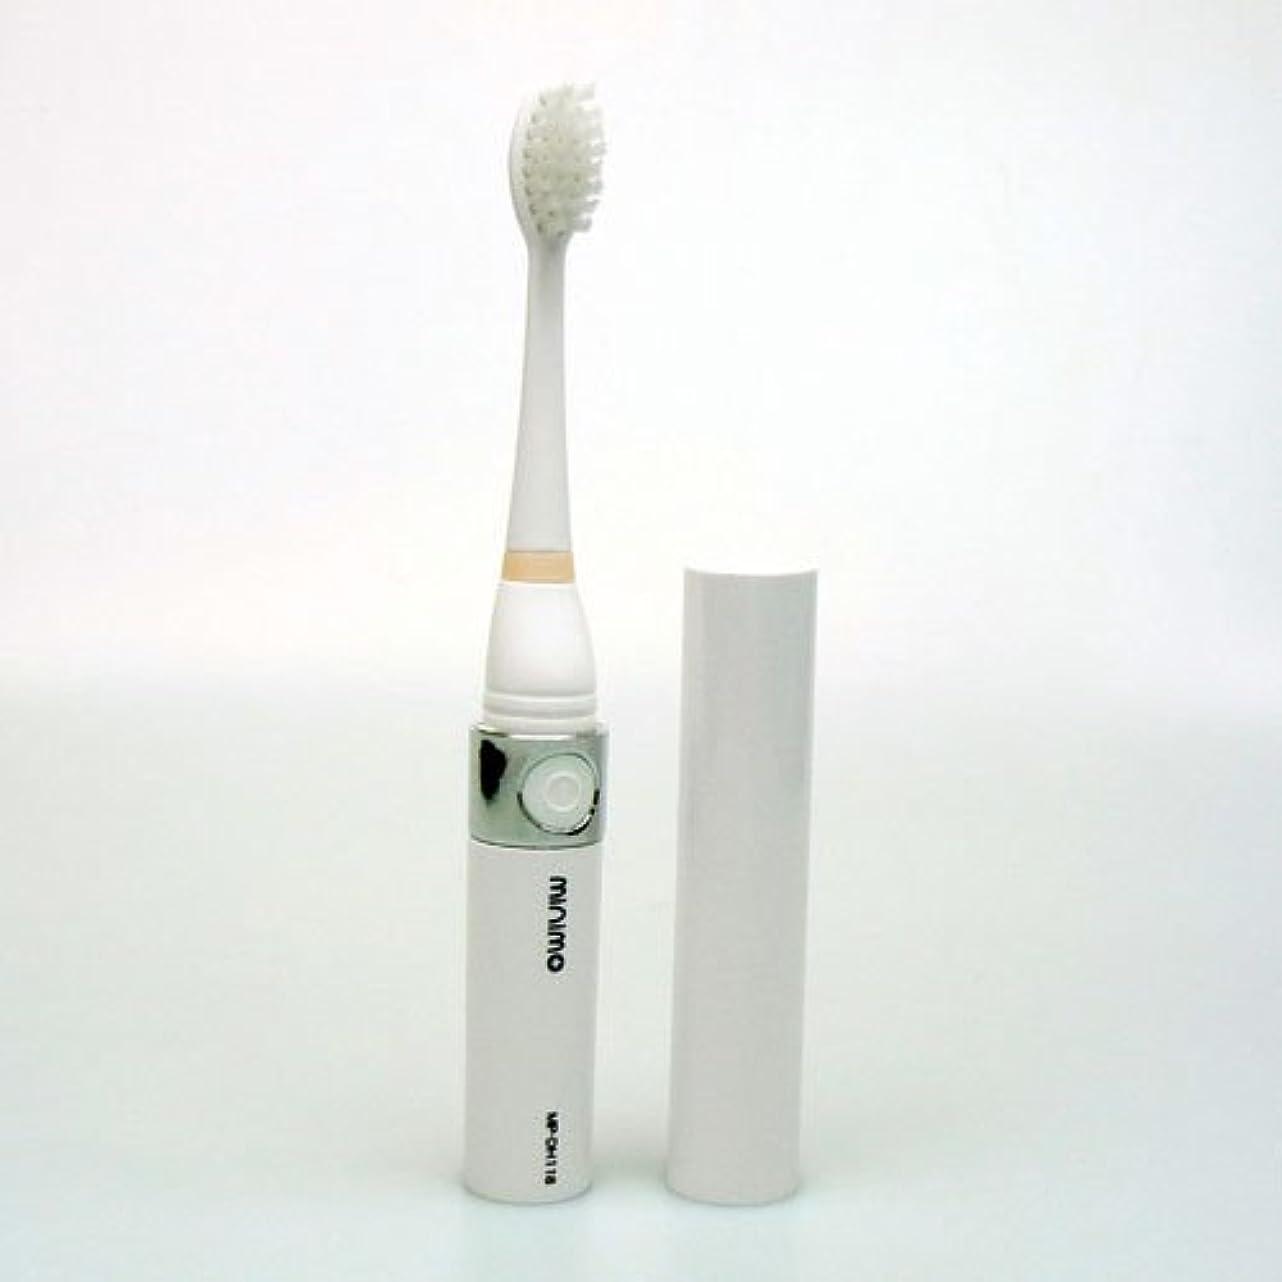 値下げ矢印失敗maruman 音波振動歯ブラシ minimo ホワイト MP-DH118WH